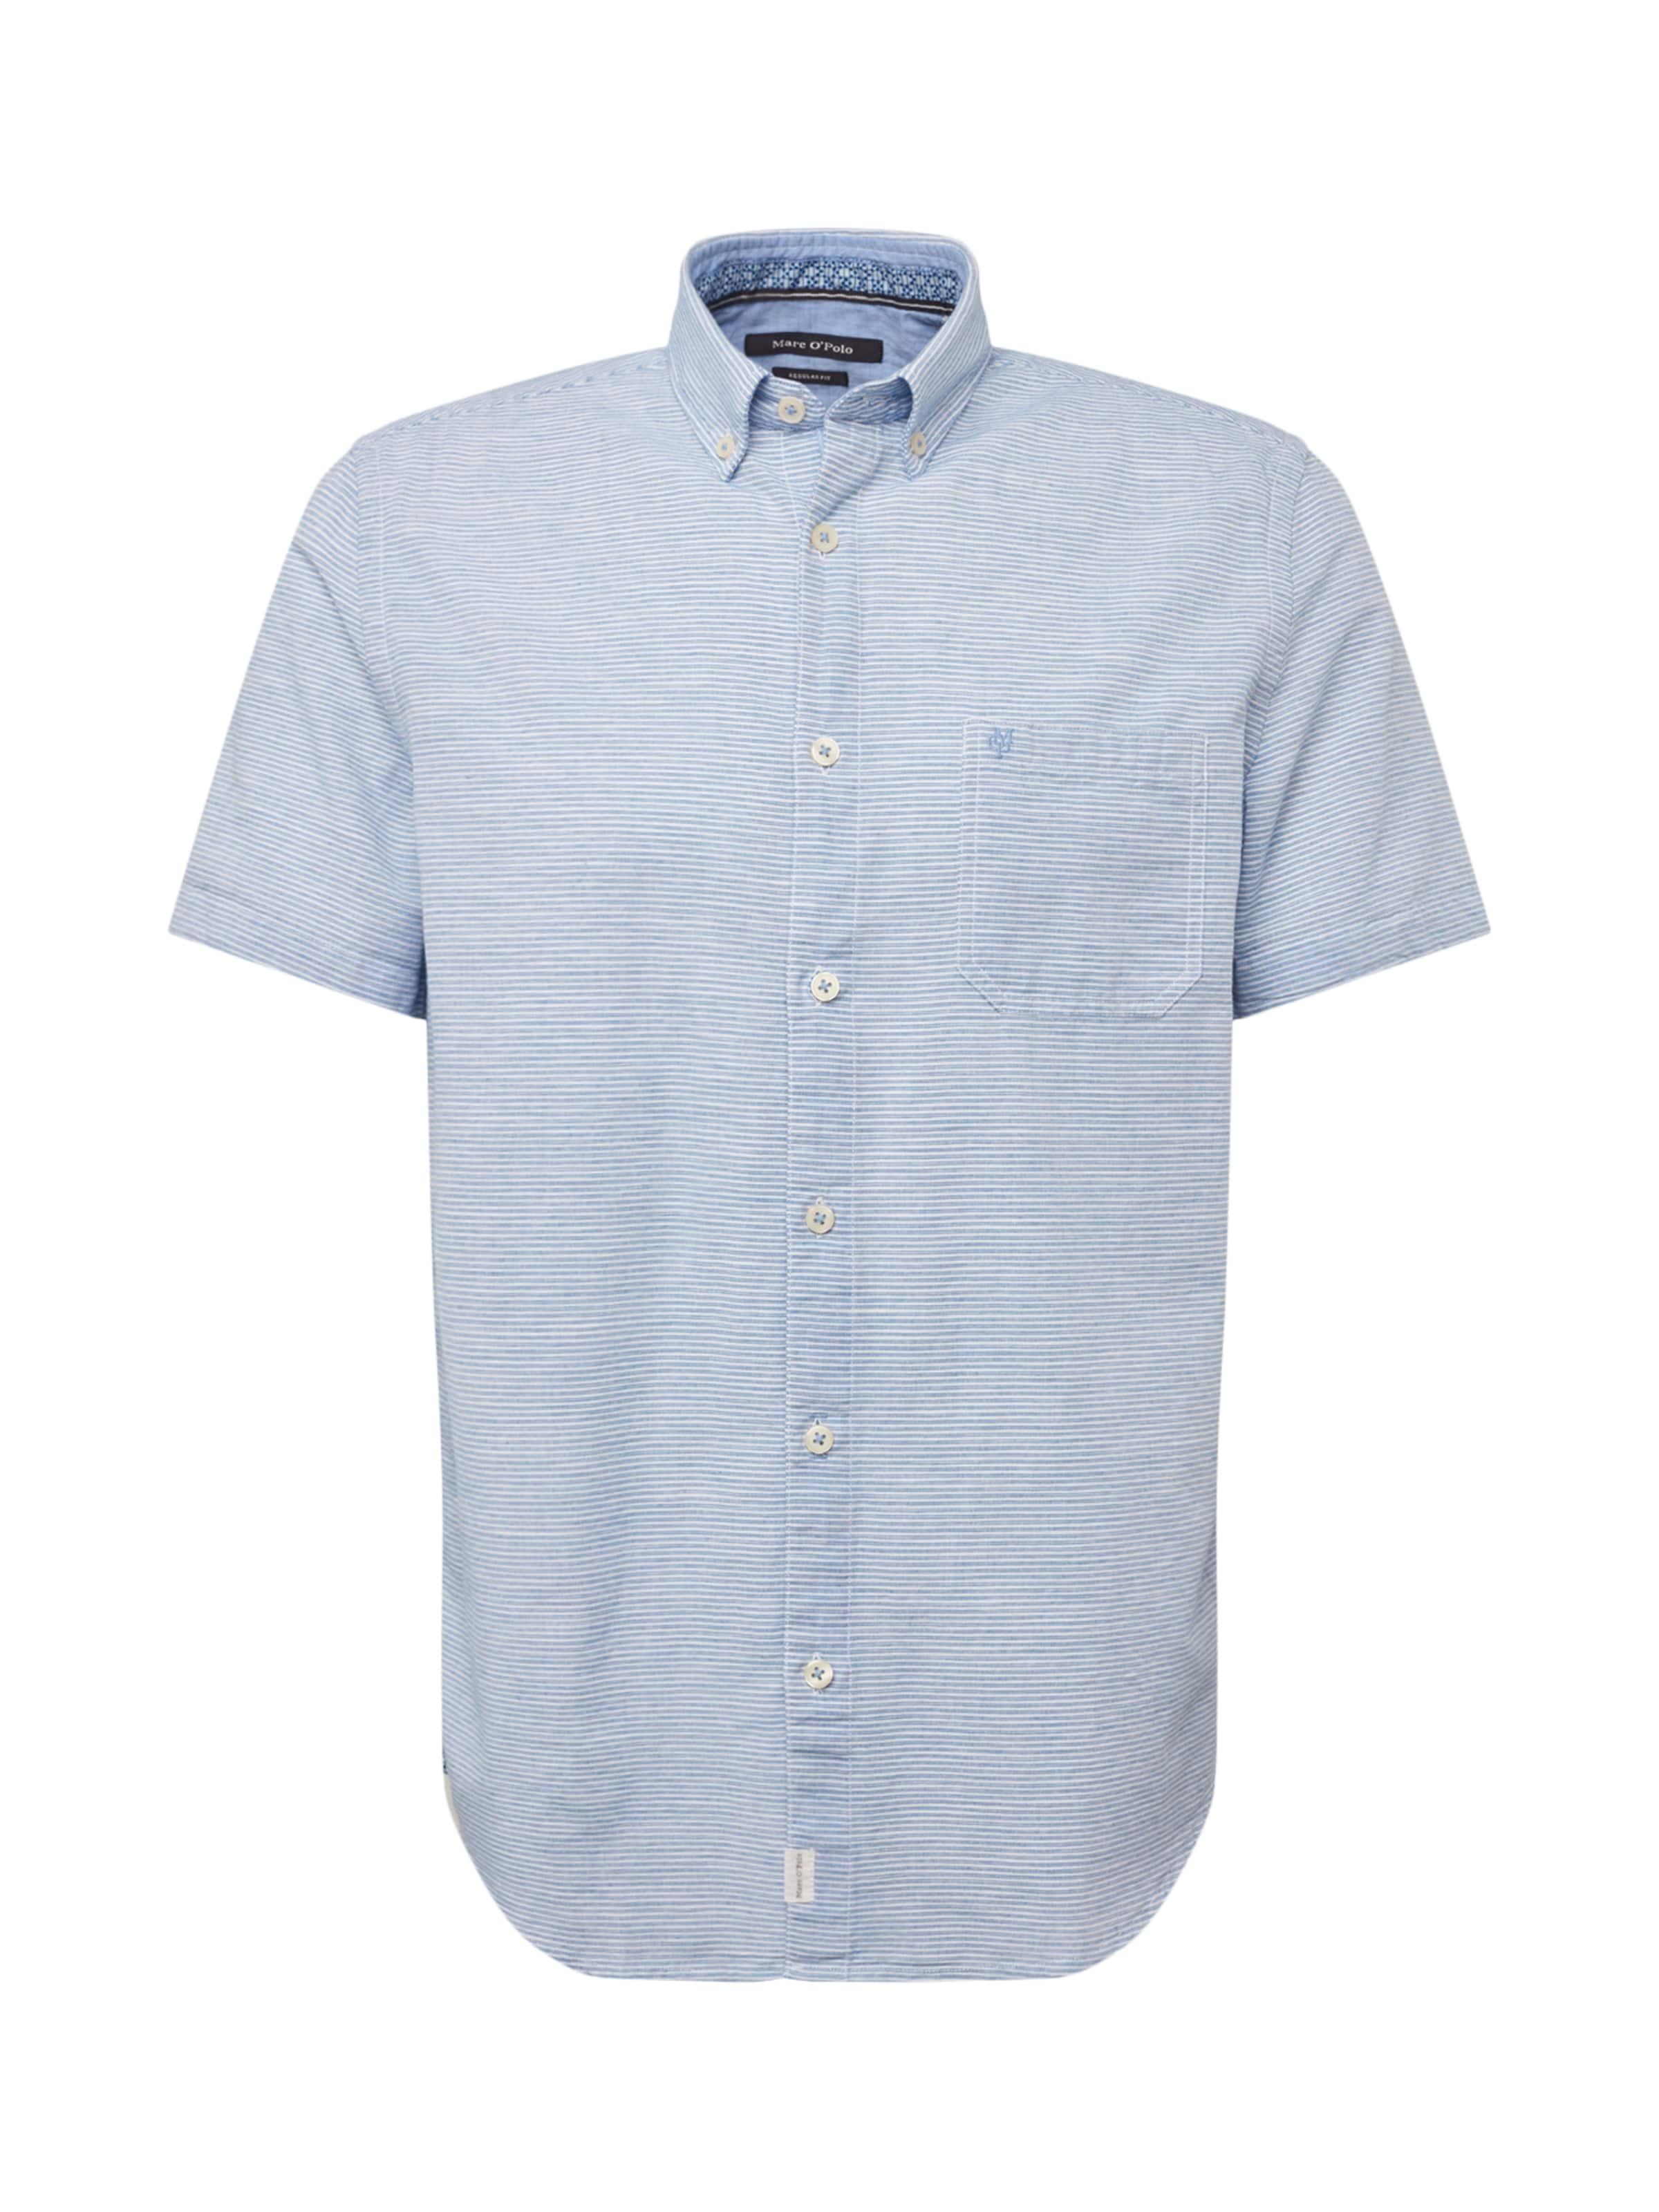 Sleeve' 'shirts Marc De Mélange blouses Chemise Short Couleurs En O'polo HfxPqna